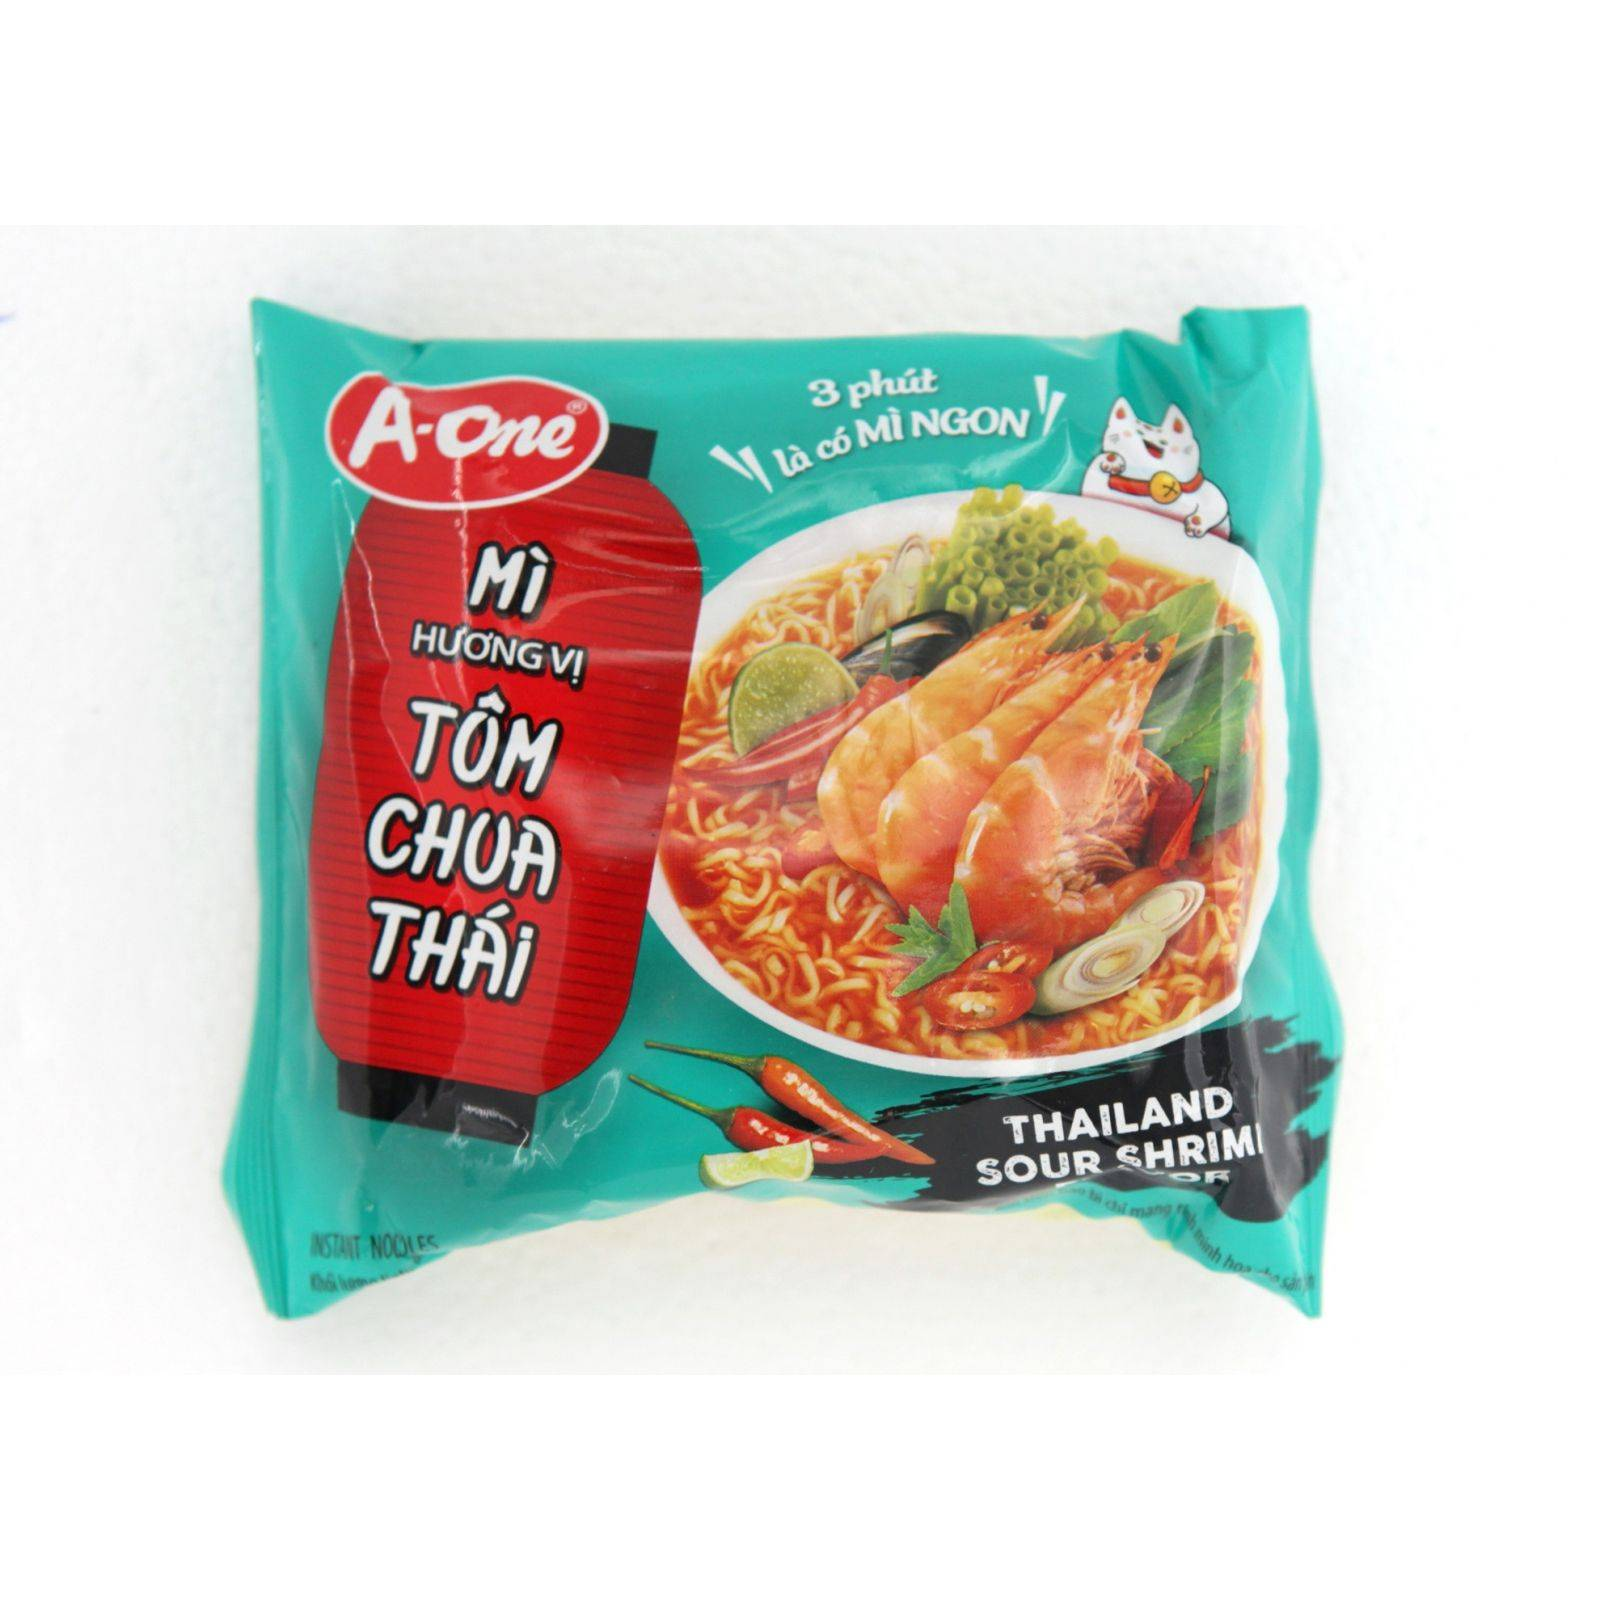 Asia Marché Soupe de nouilles à la crevette piquante 85g A-One Lot de 10